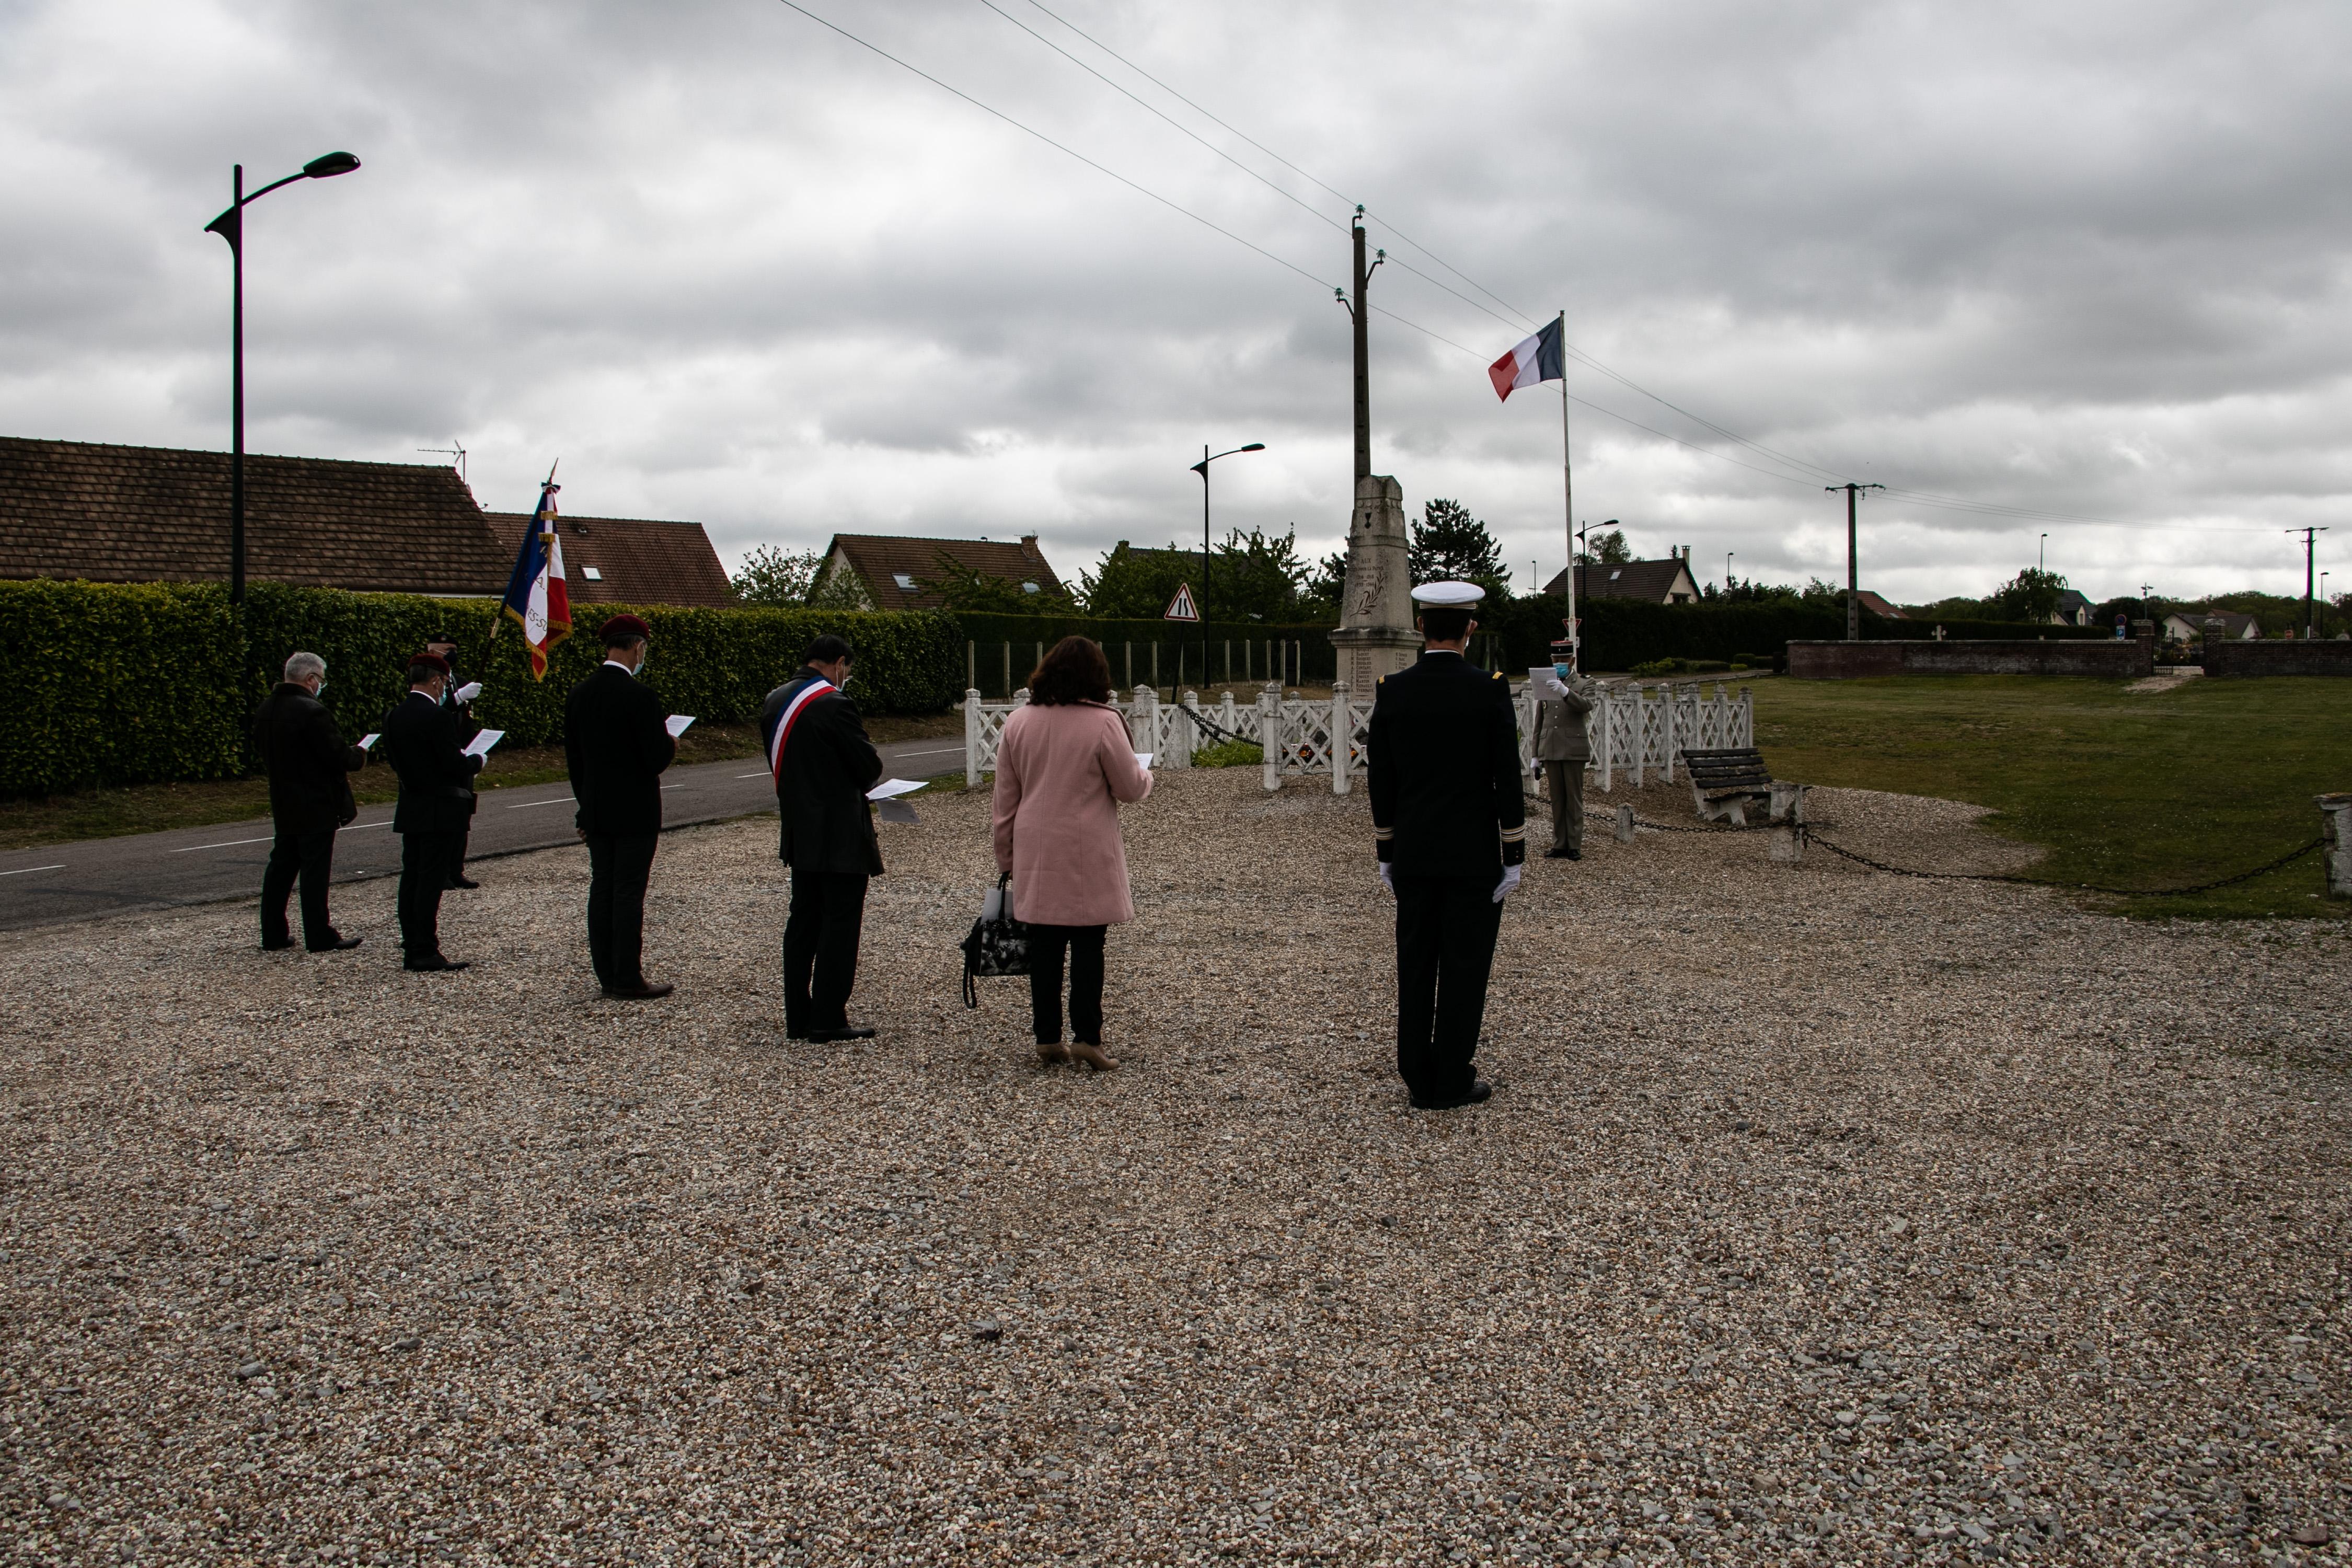 Tournage tricotage entrerprise Maternne à Moreuil photo façade batiment 5 _9 sur 15_.jpg